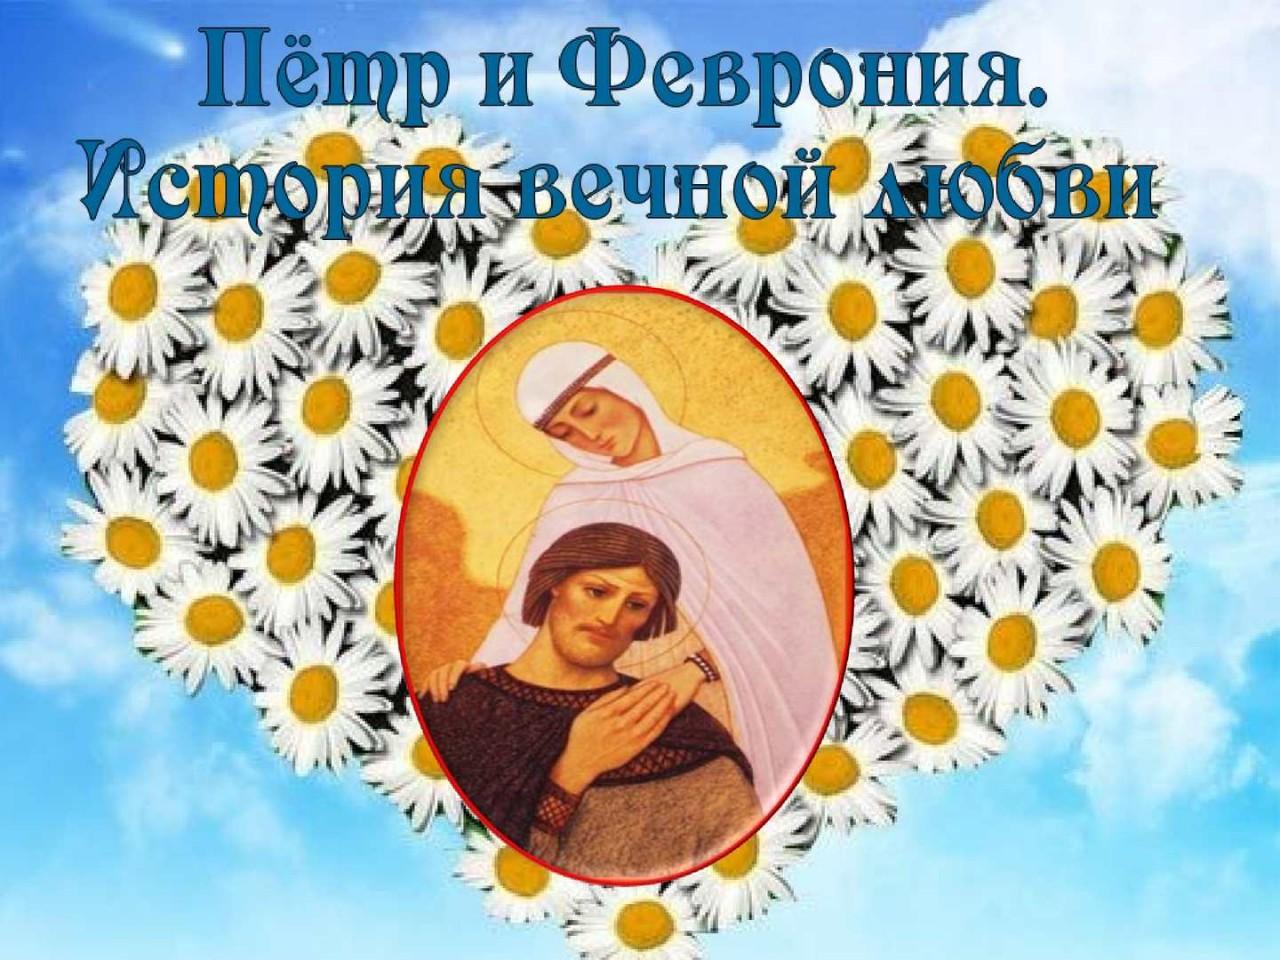 8 июля - День Петра и Февронии. День семьи, любви и верности.